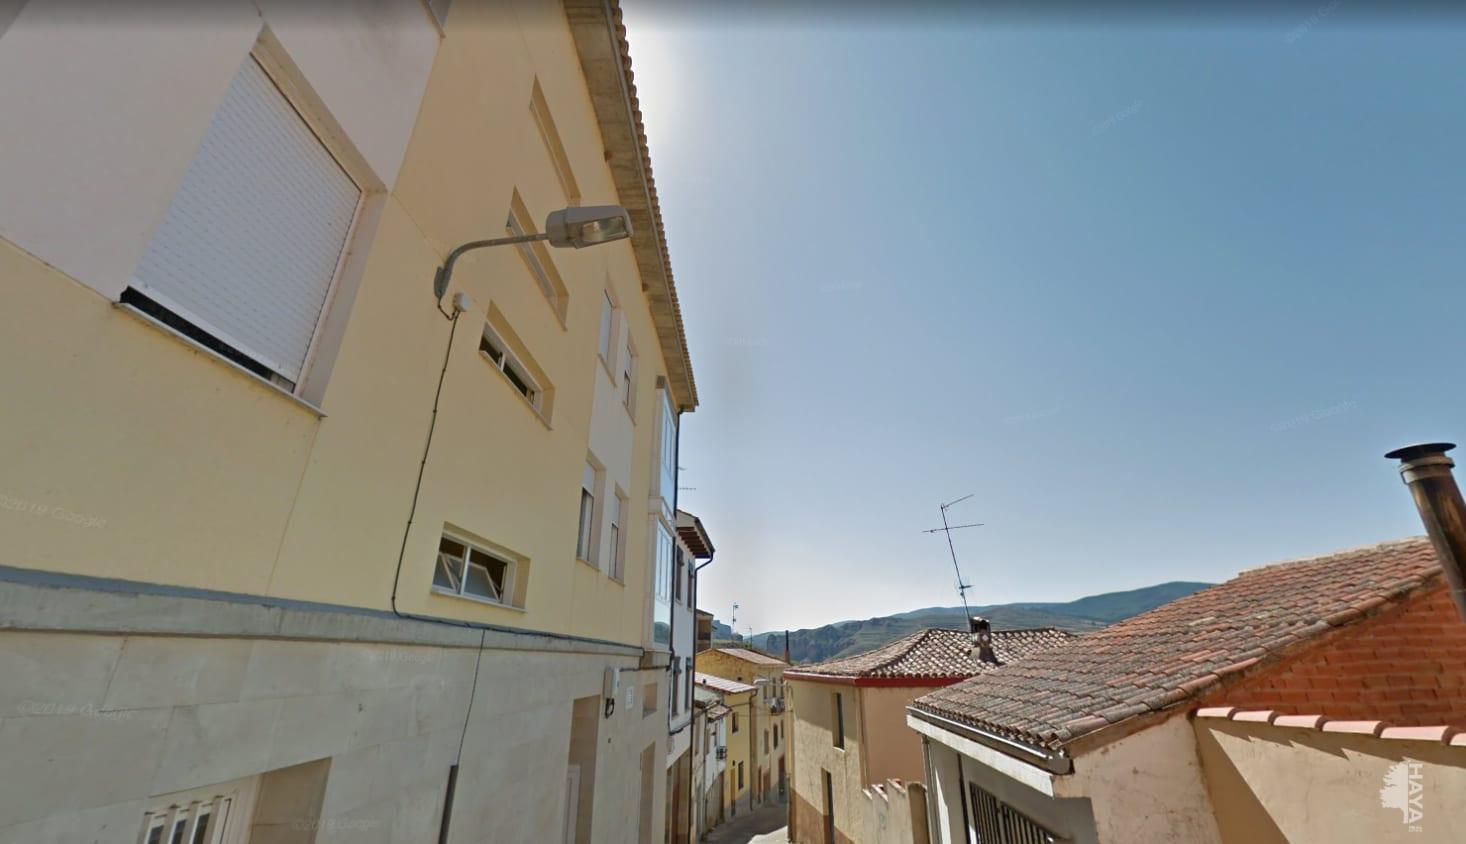 Piso en venta en Nalda, La Rioja, Calle Somo Bajo, 45.780 €, 3 habitaciones, 2 baños, 99 m2